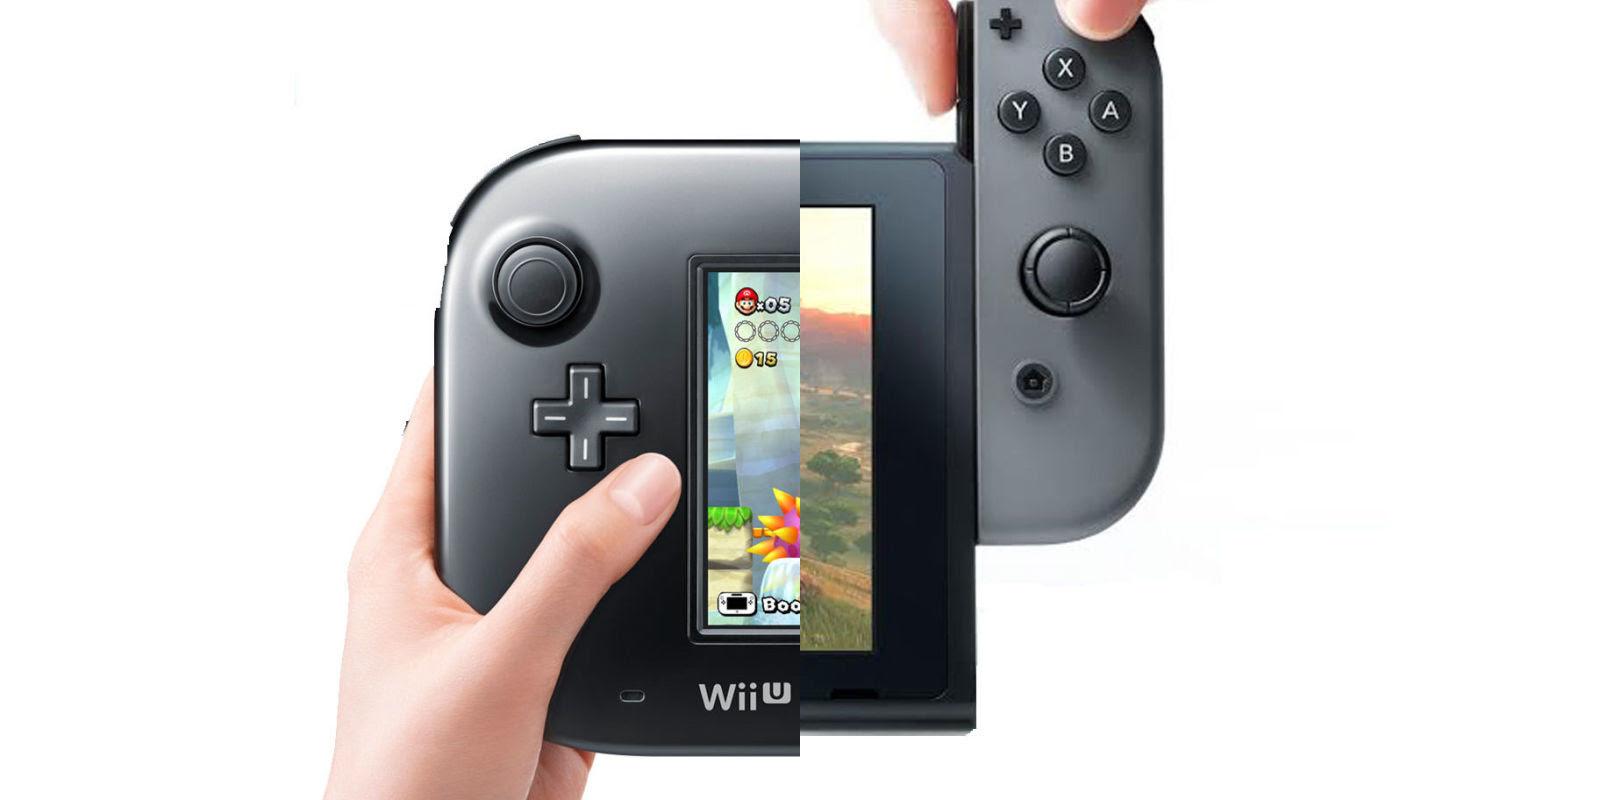 http://digitalspyuk.cdnds.net/16/42/1600x800/landscape-1476980454-wii-u-switch-crop.jpg